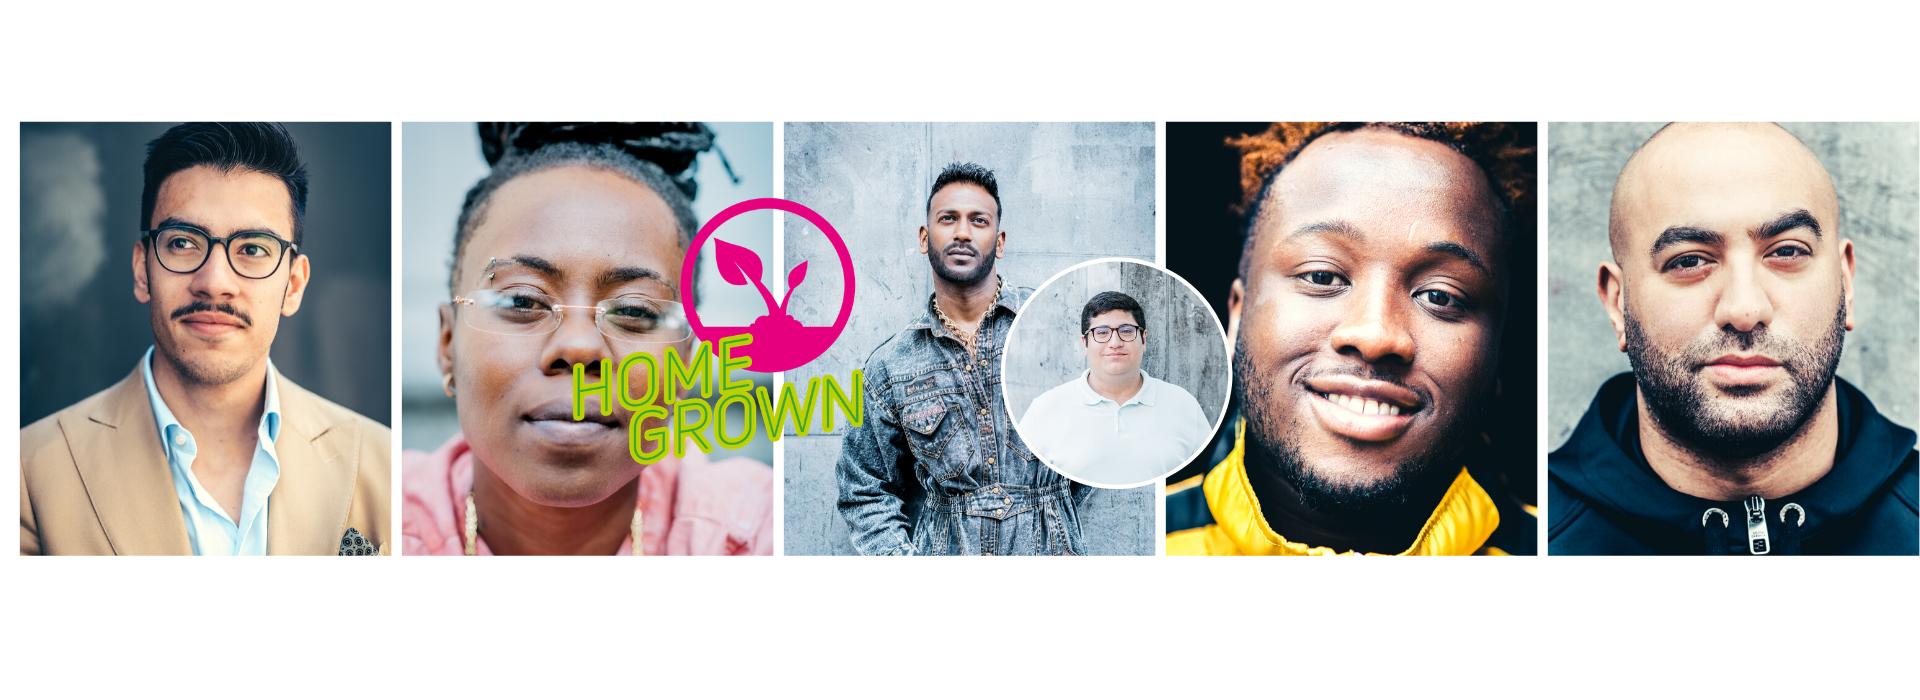 Vijf artiesten zullen zichzelf overvleugelen en de wijk verrijken